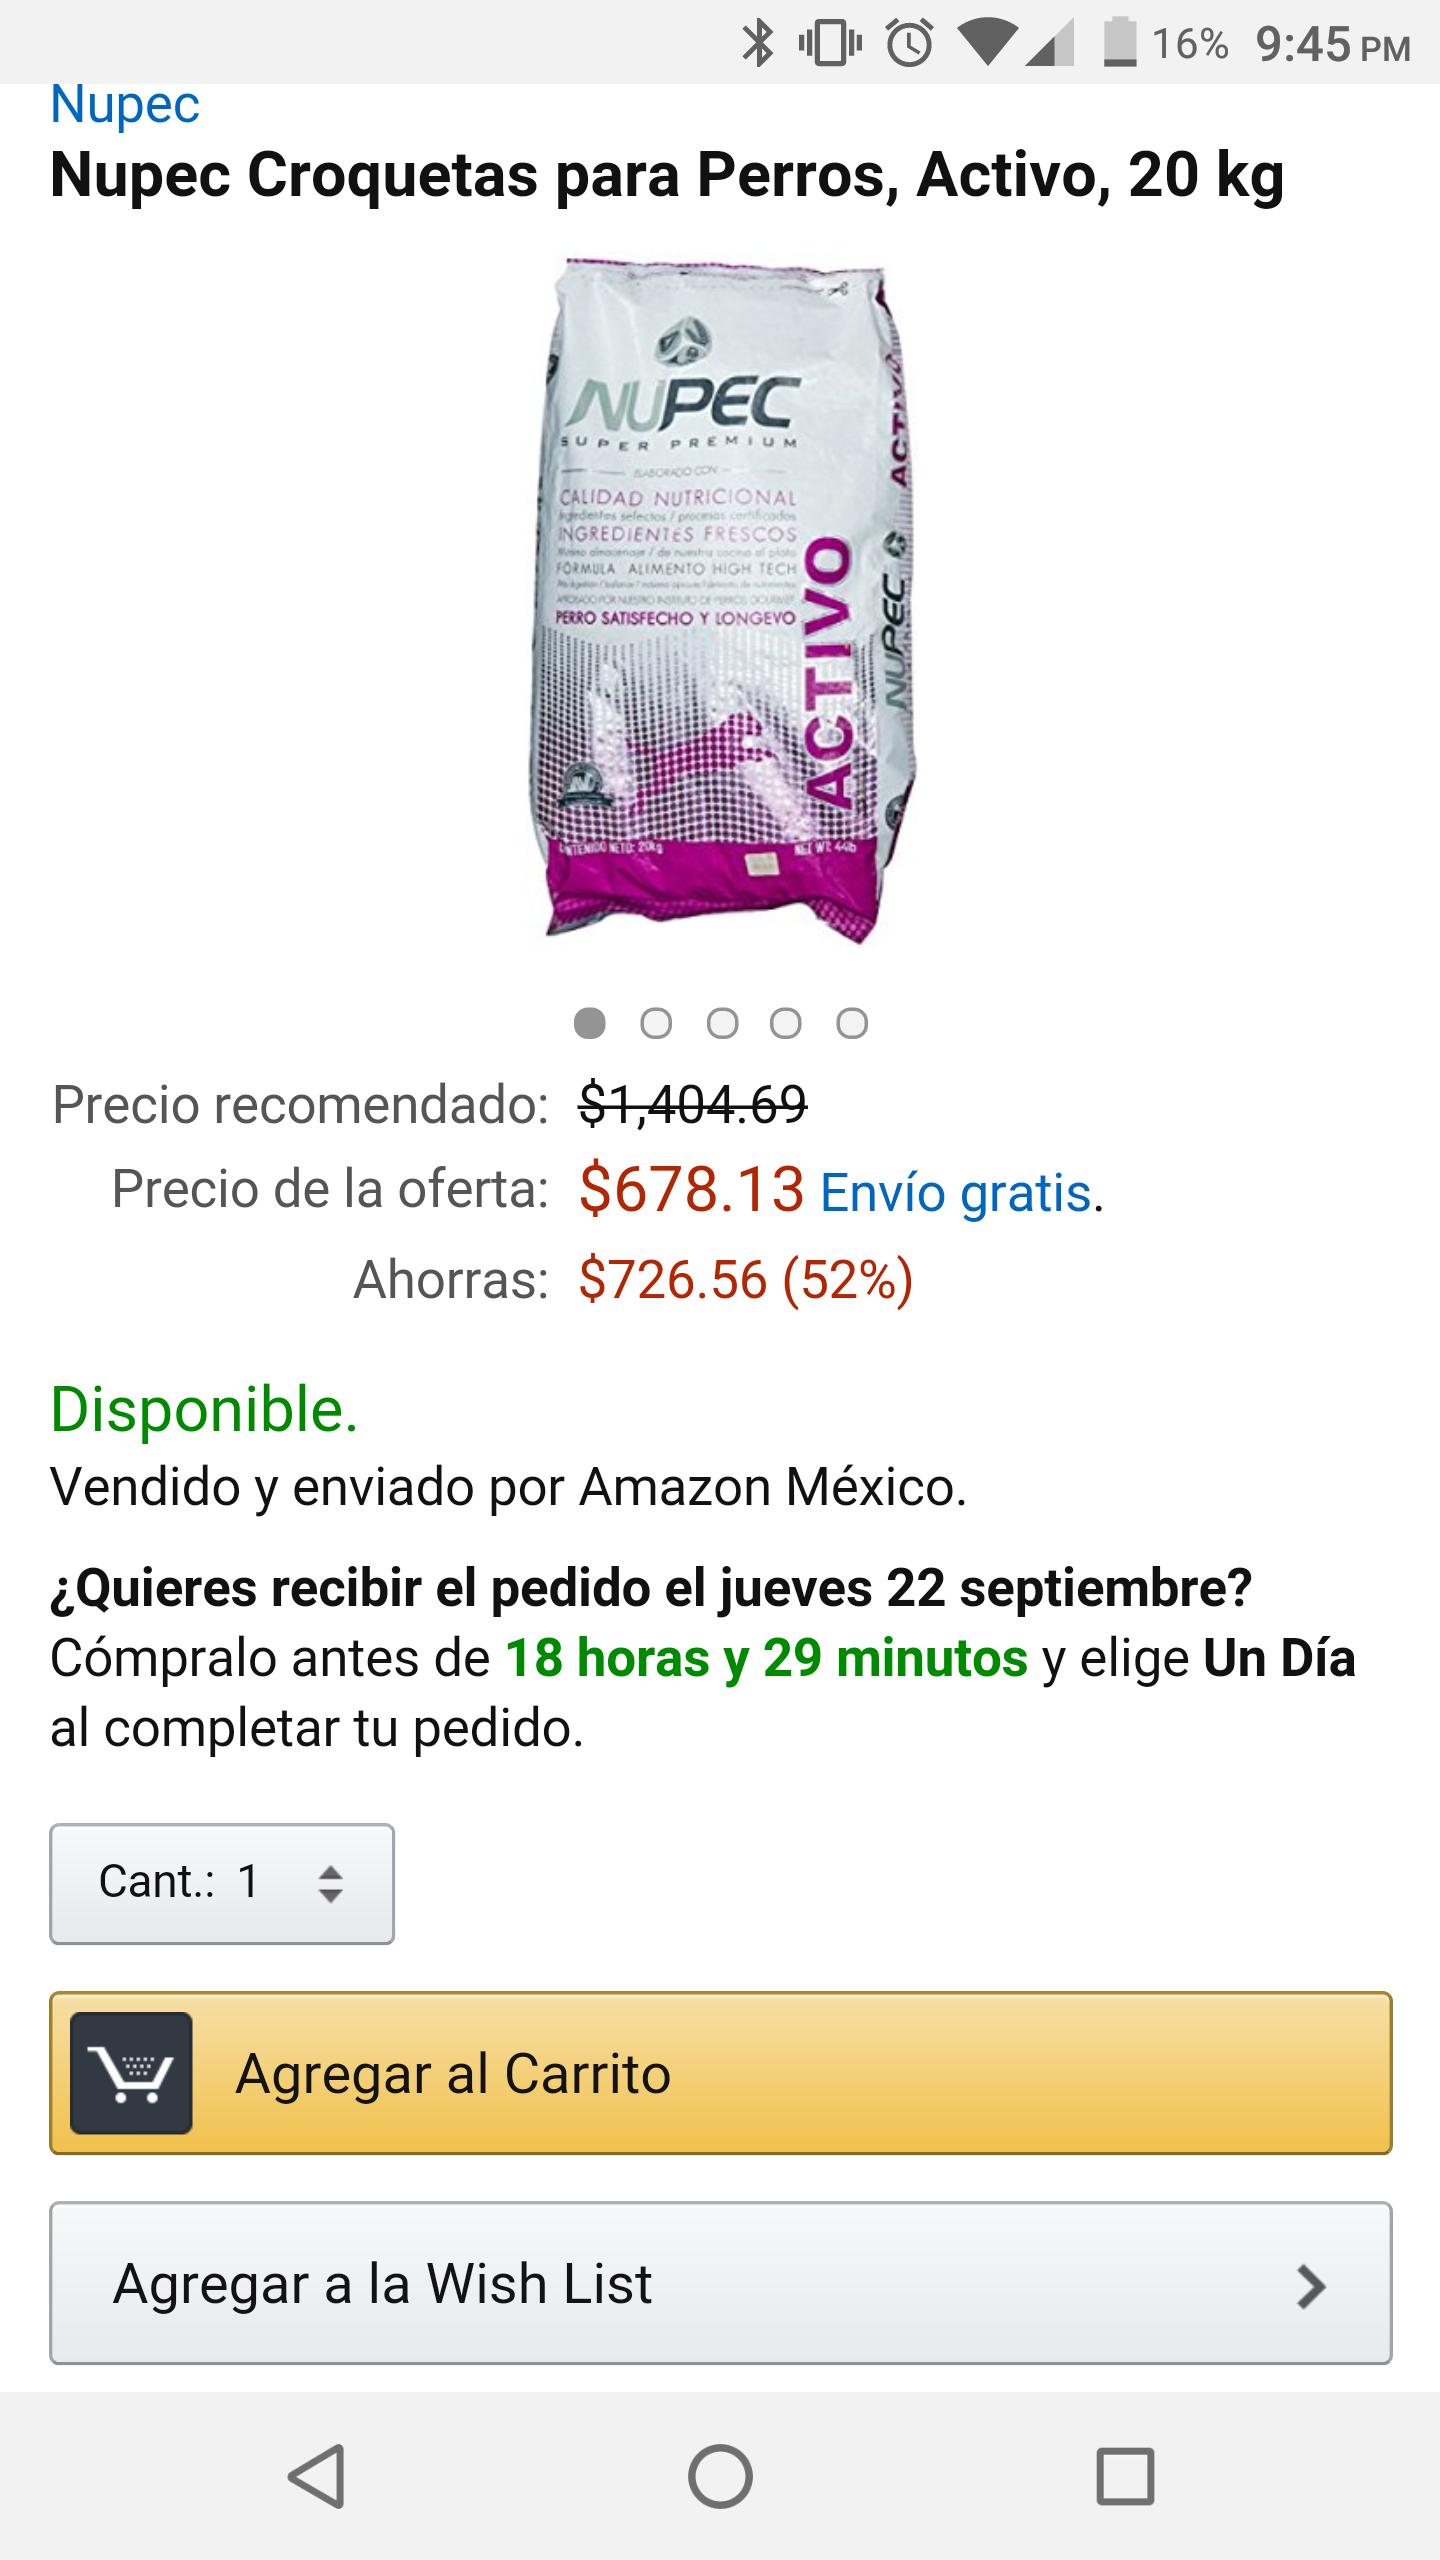 Amazon MX: Croquetas Nupec para perros, Activo, 20 kg